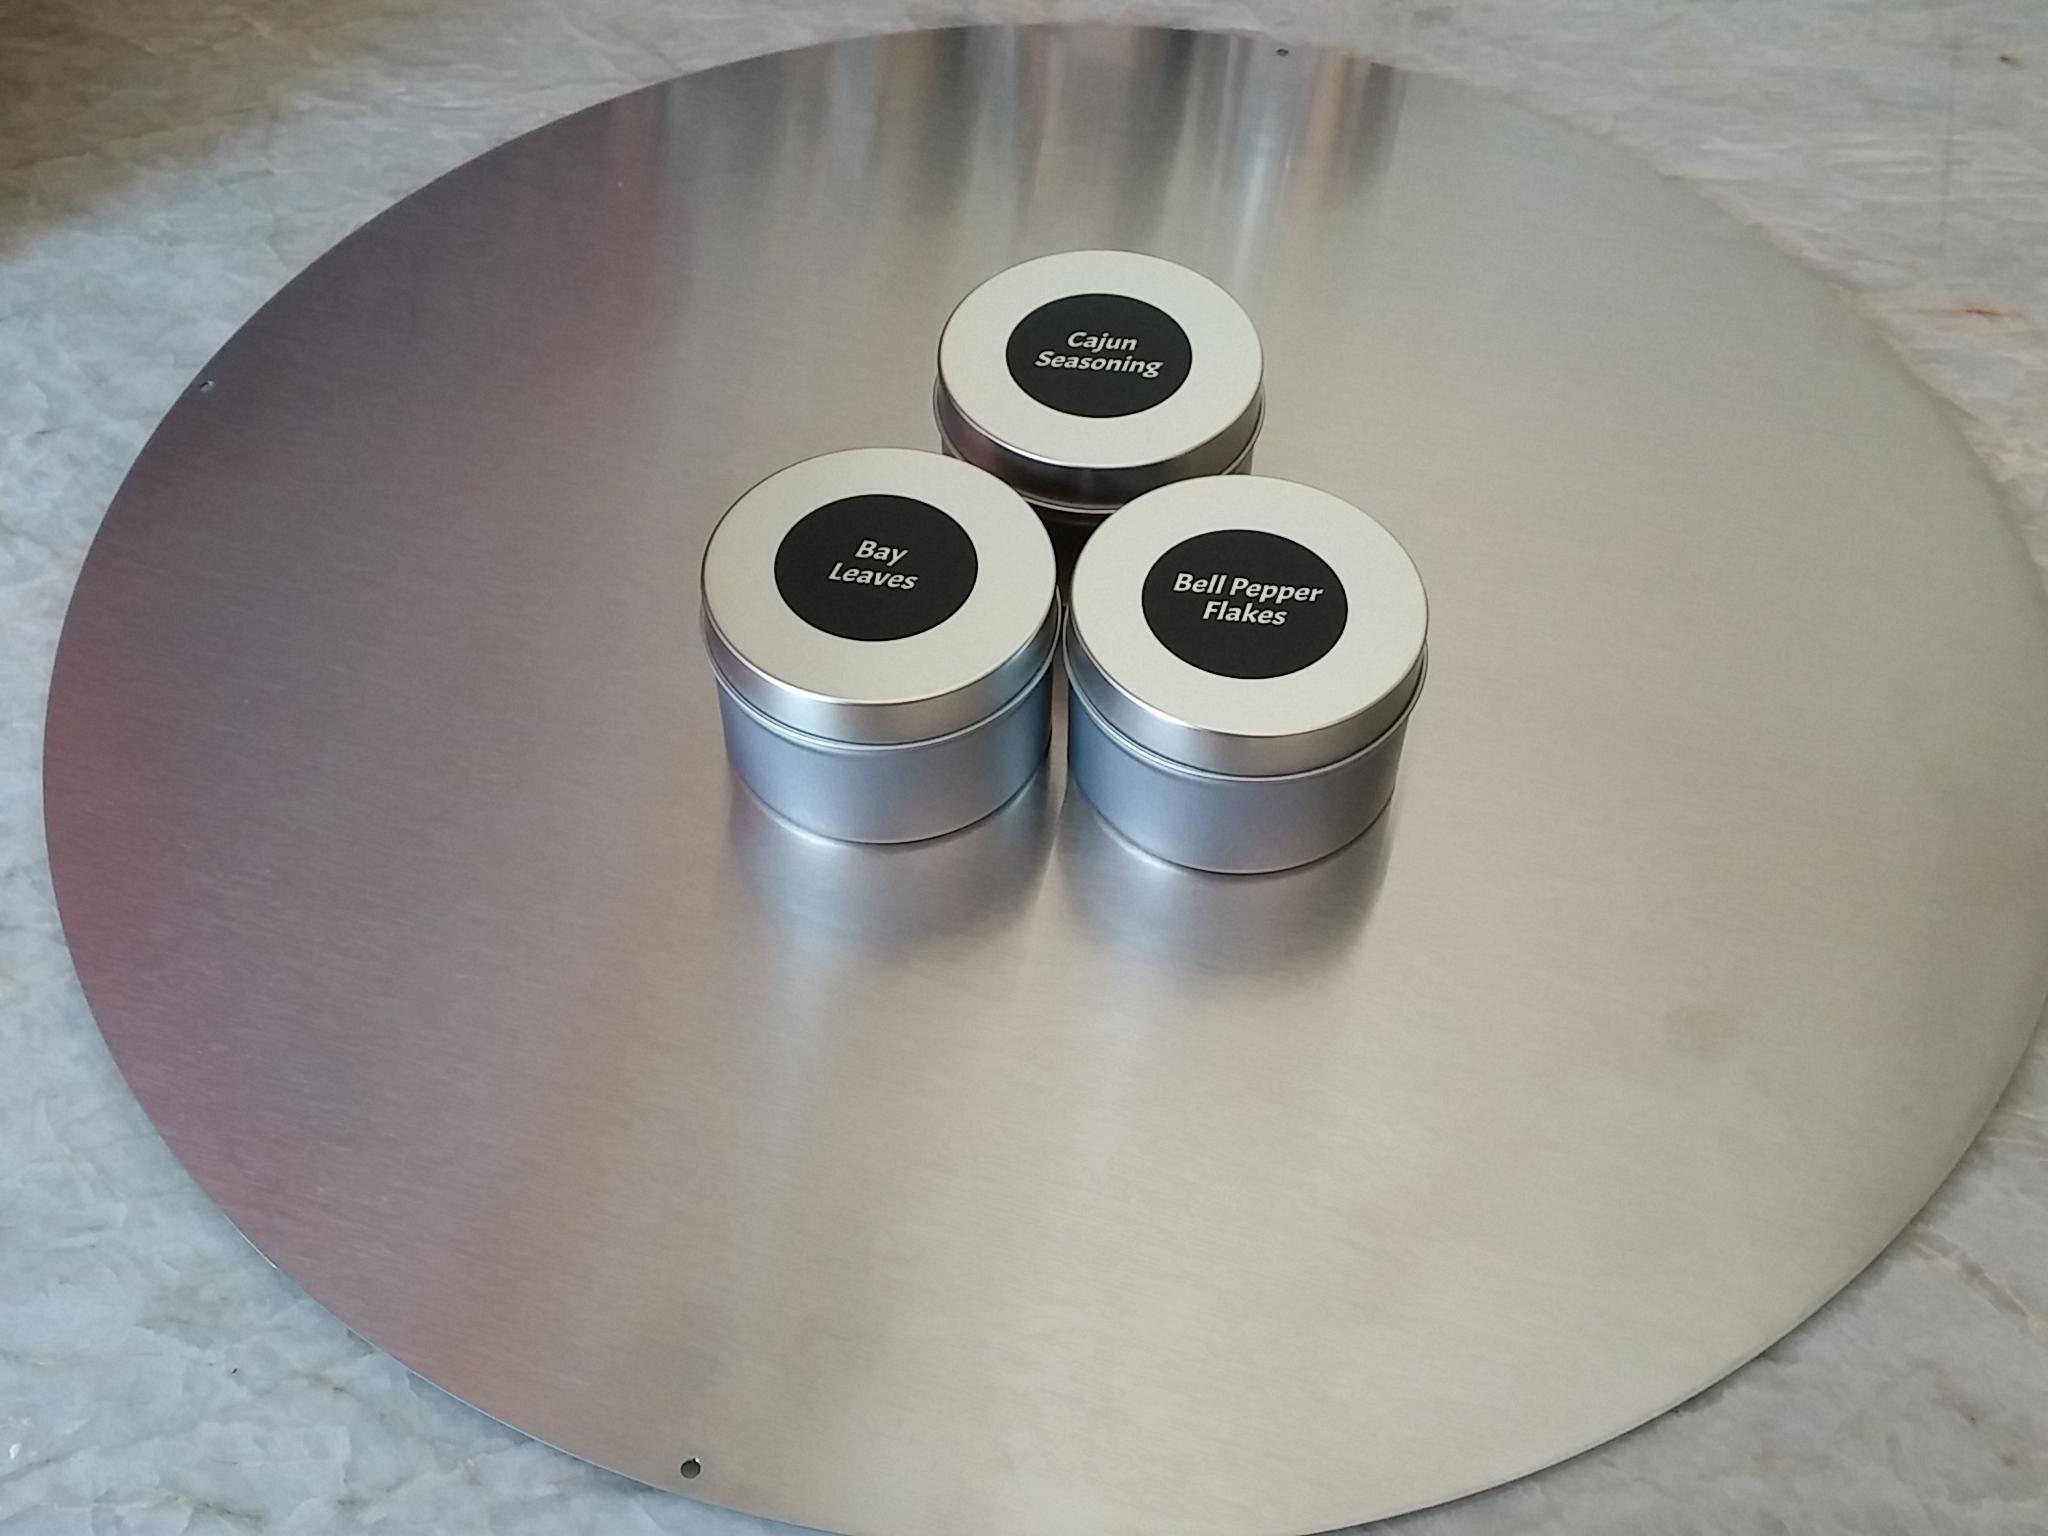 No, it's not a plain tin, but a Modern Beauty